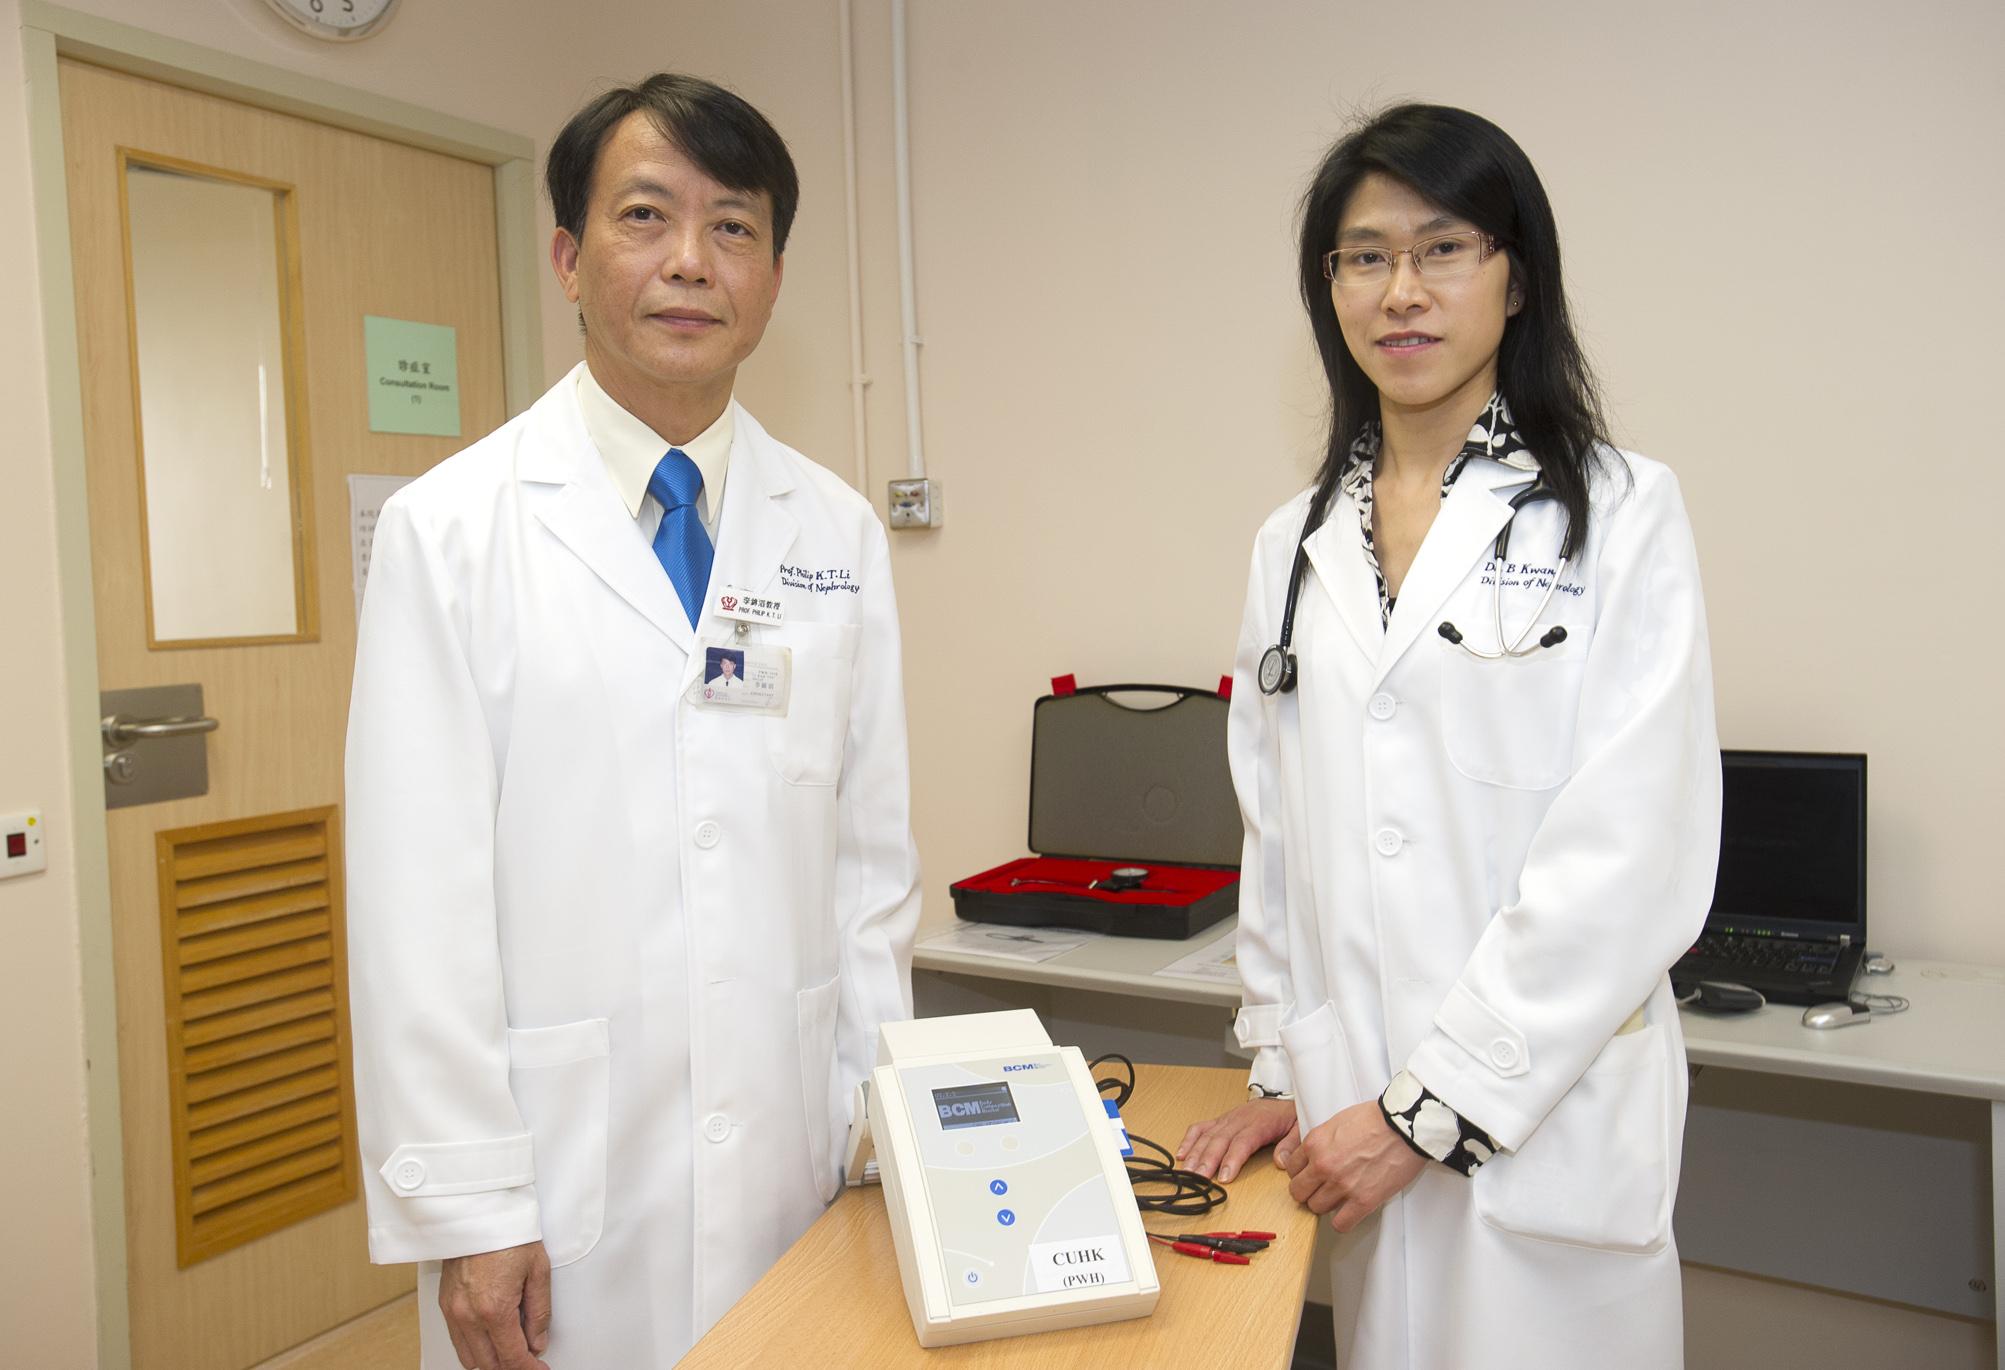 中大內科及藥物治療學系腎臟科主管兼名譽教授李錦滔教授(左)及副教授關清霞教授展示生物阻抗多頻譜儀器